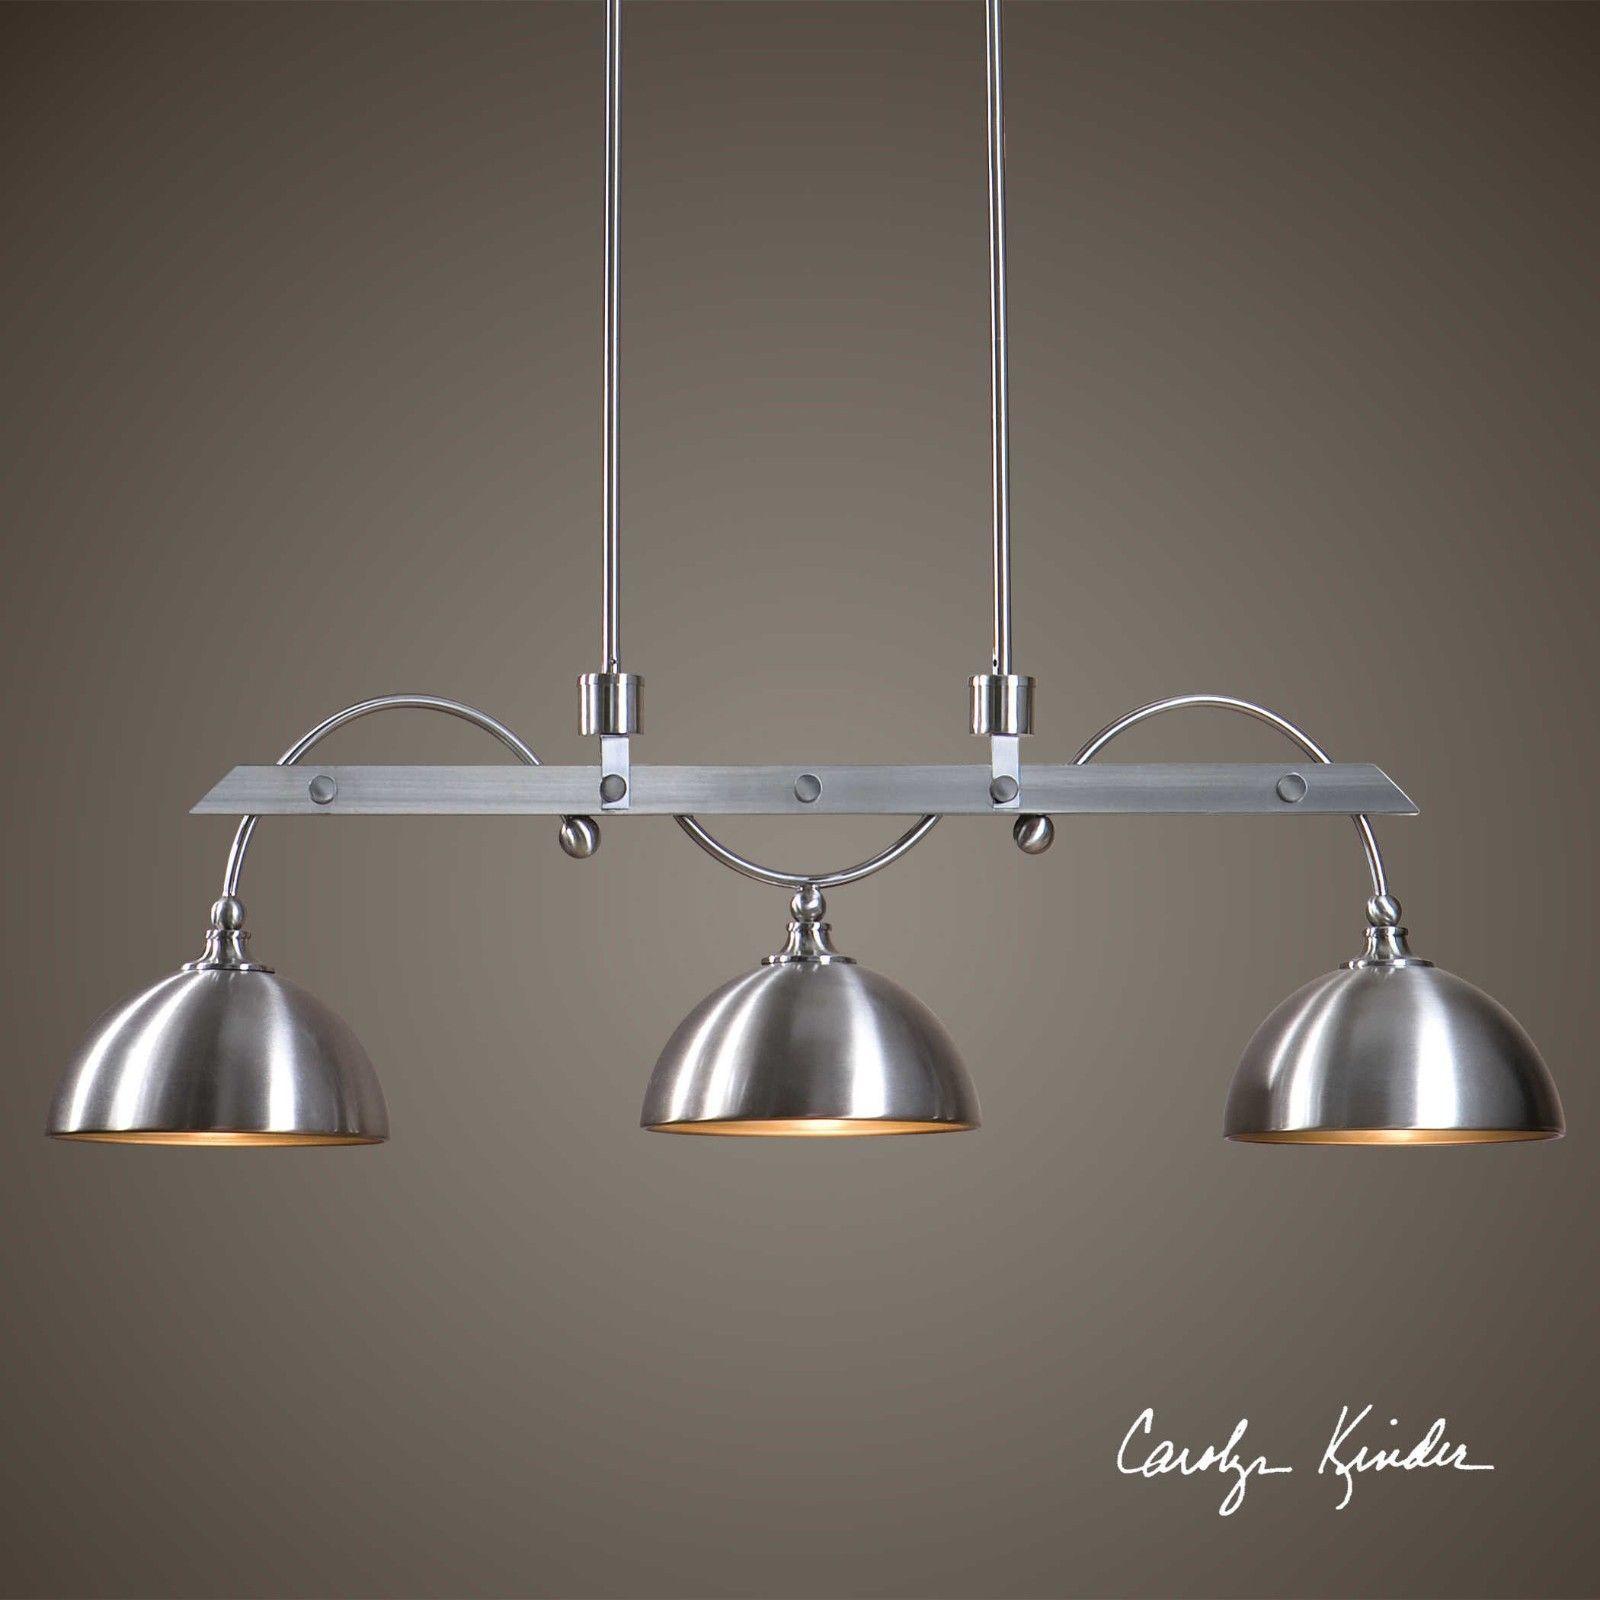 Nickel Pendant Lighting Kitchen: NEW SATIN NICKEL METAL CHANDELIER THREE PENDANT HANGING